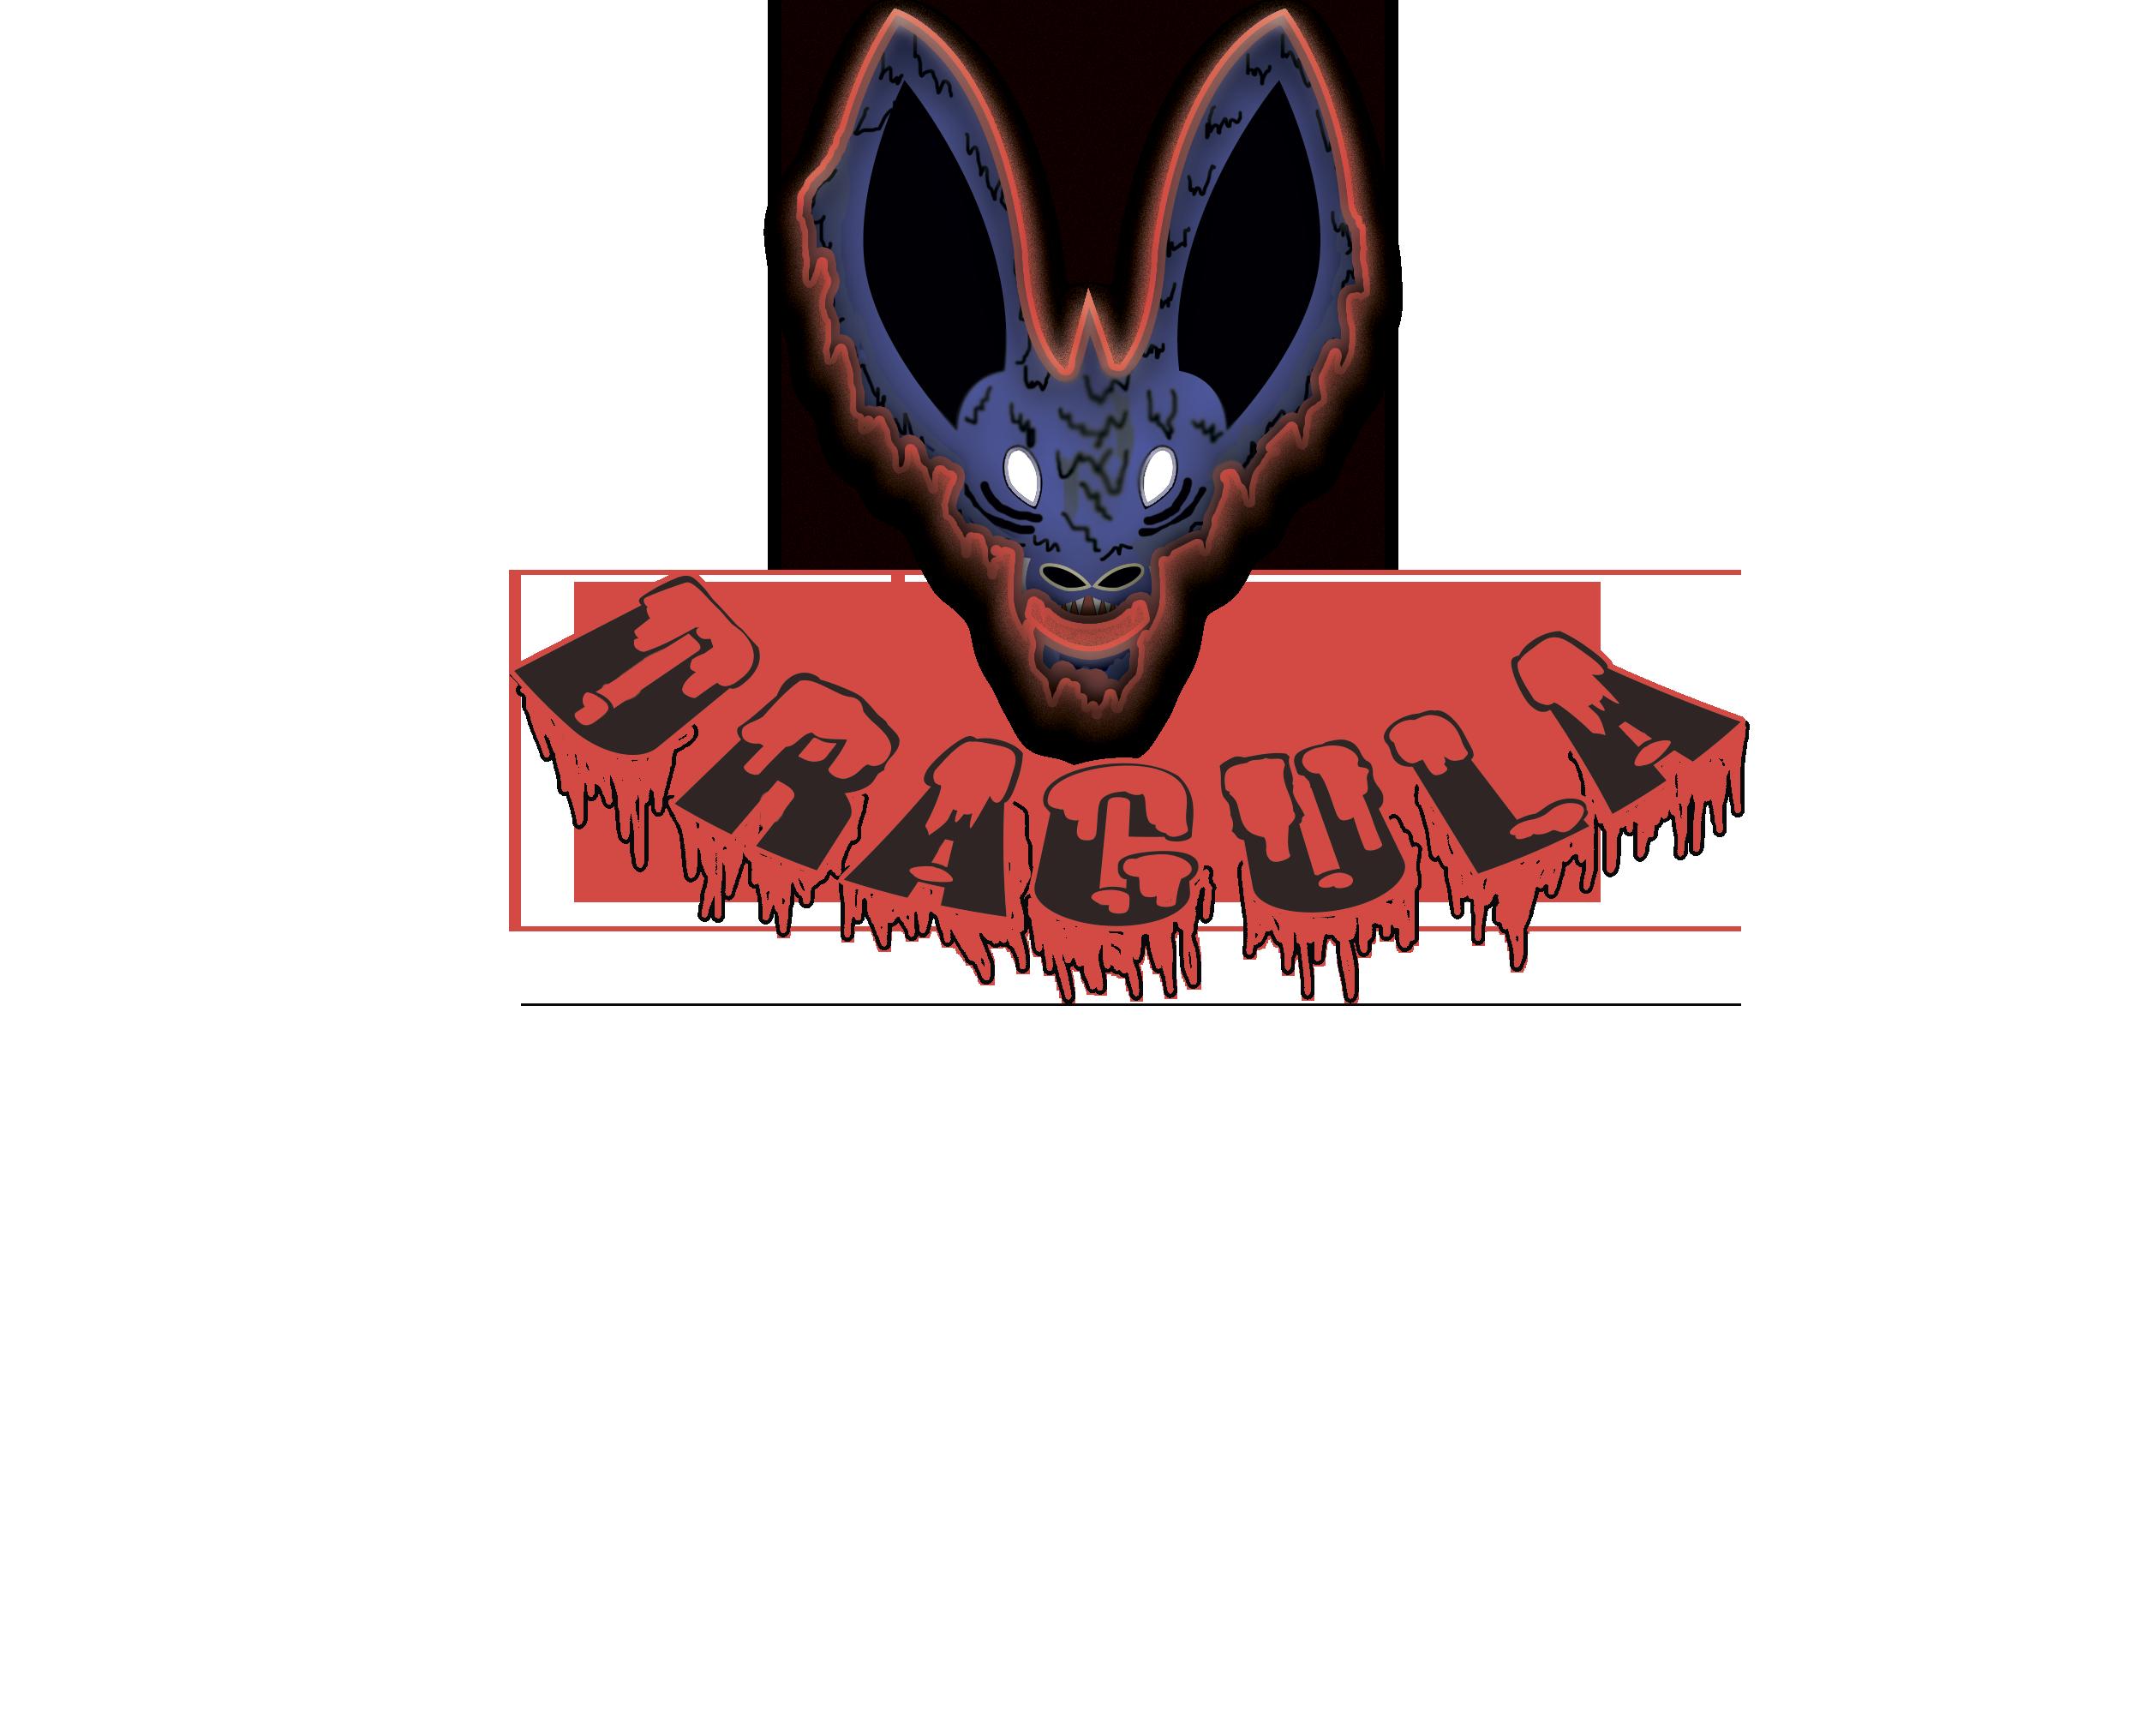 Логотип игры в ВР фото f_926593bde8ed4200.png